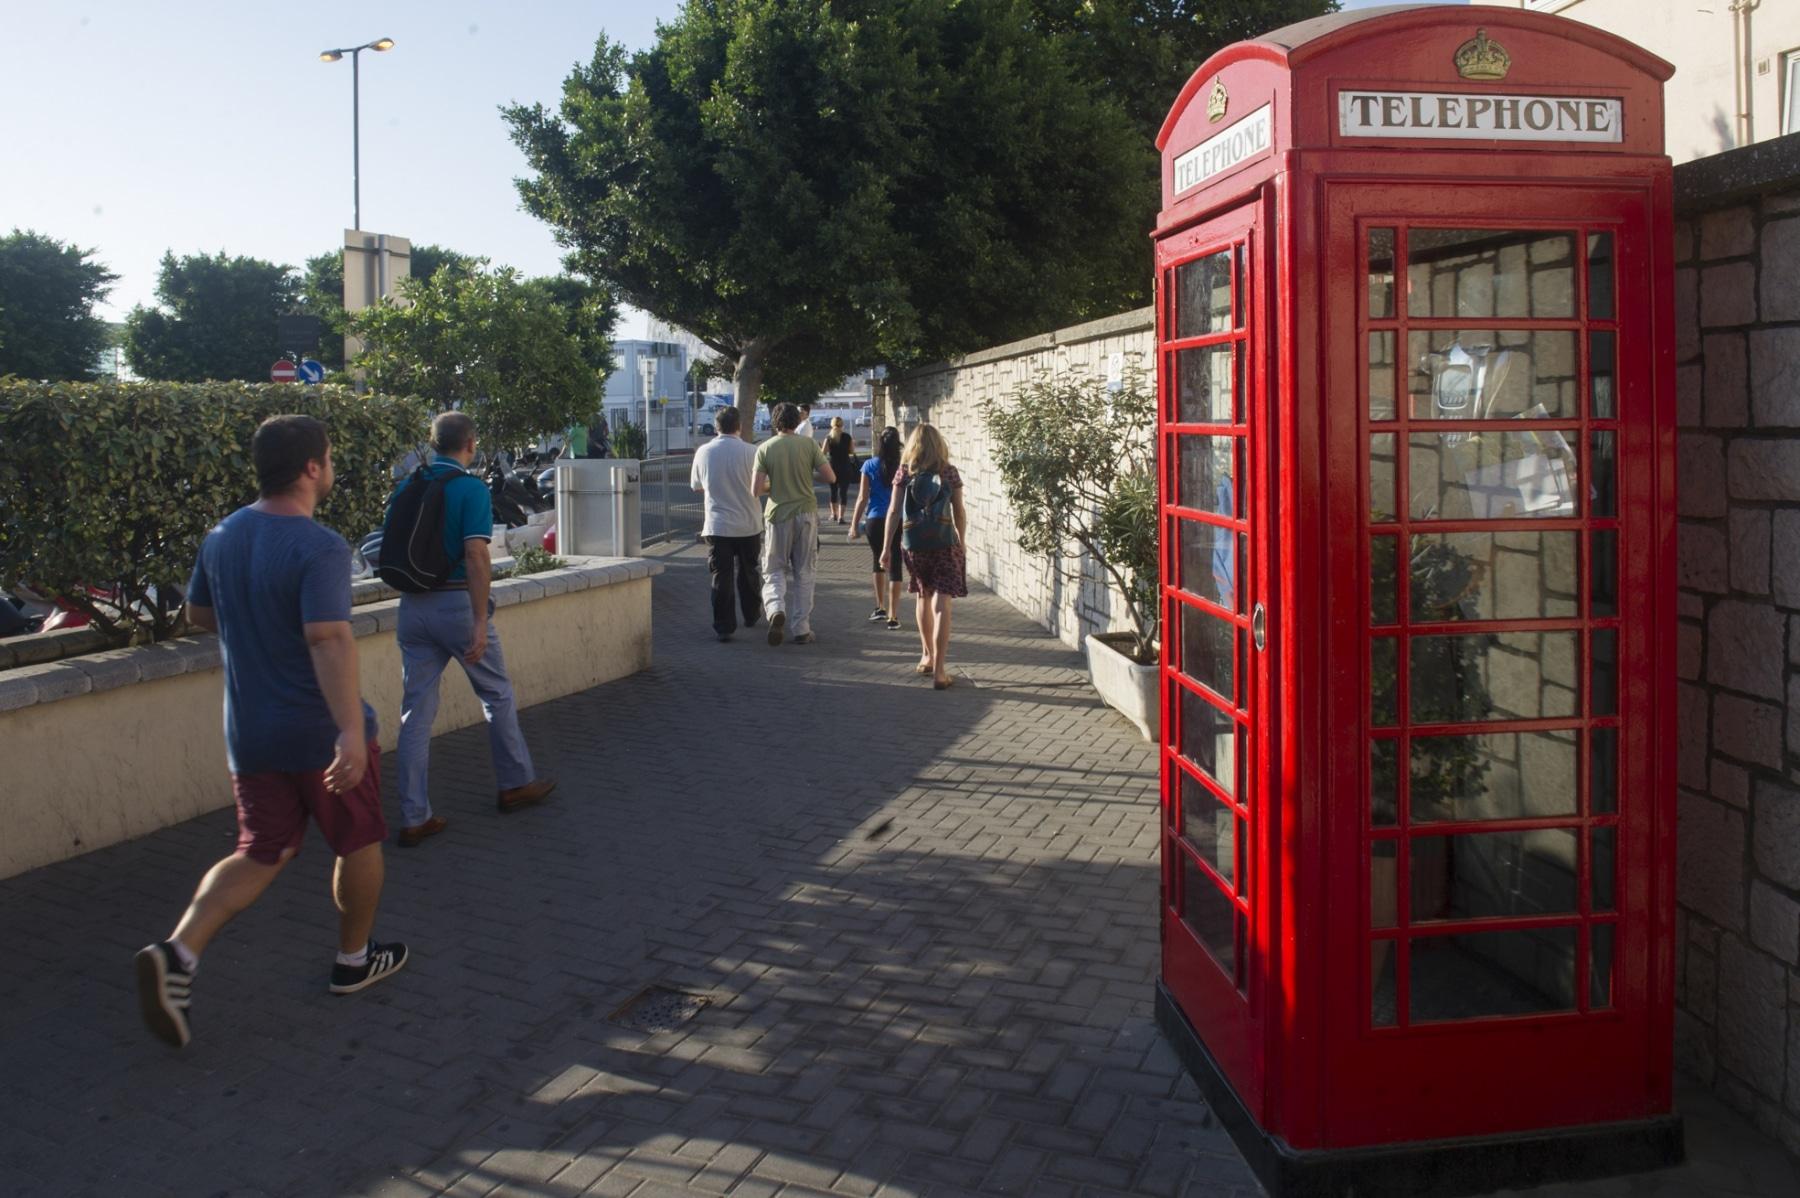 las-cabinas-rojas-reflejan-lo-ms-puro-del-carcter-britnico-de-gibraltar_22751734211_o